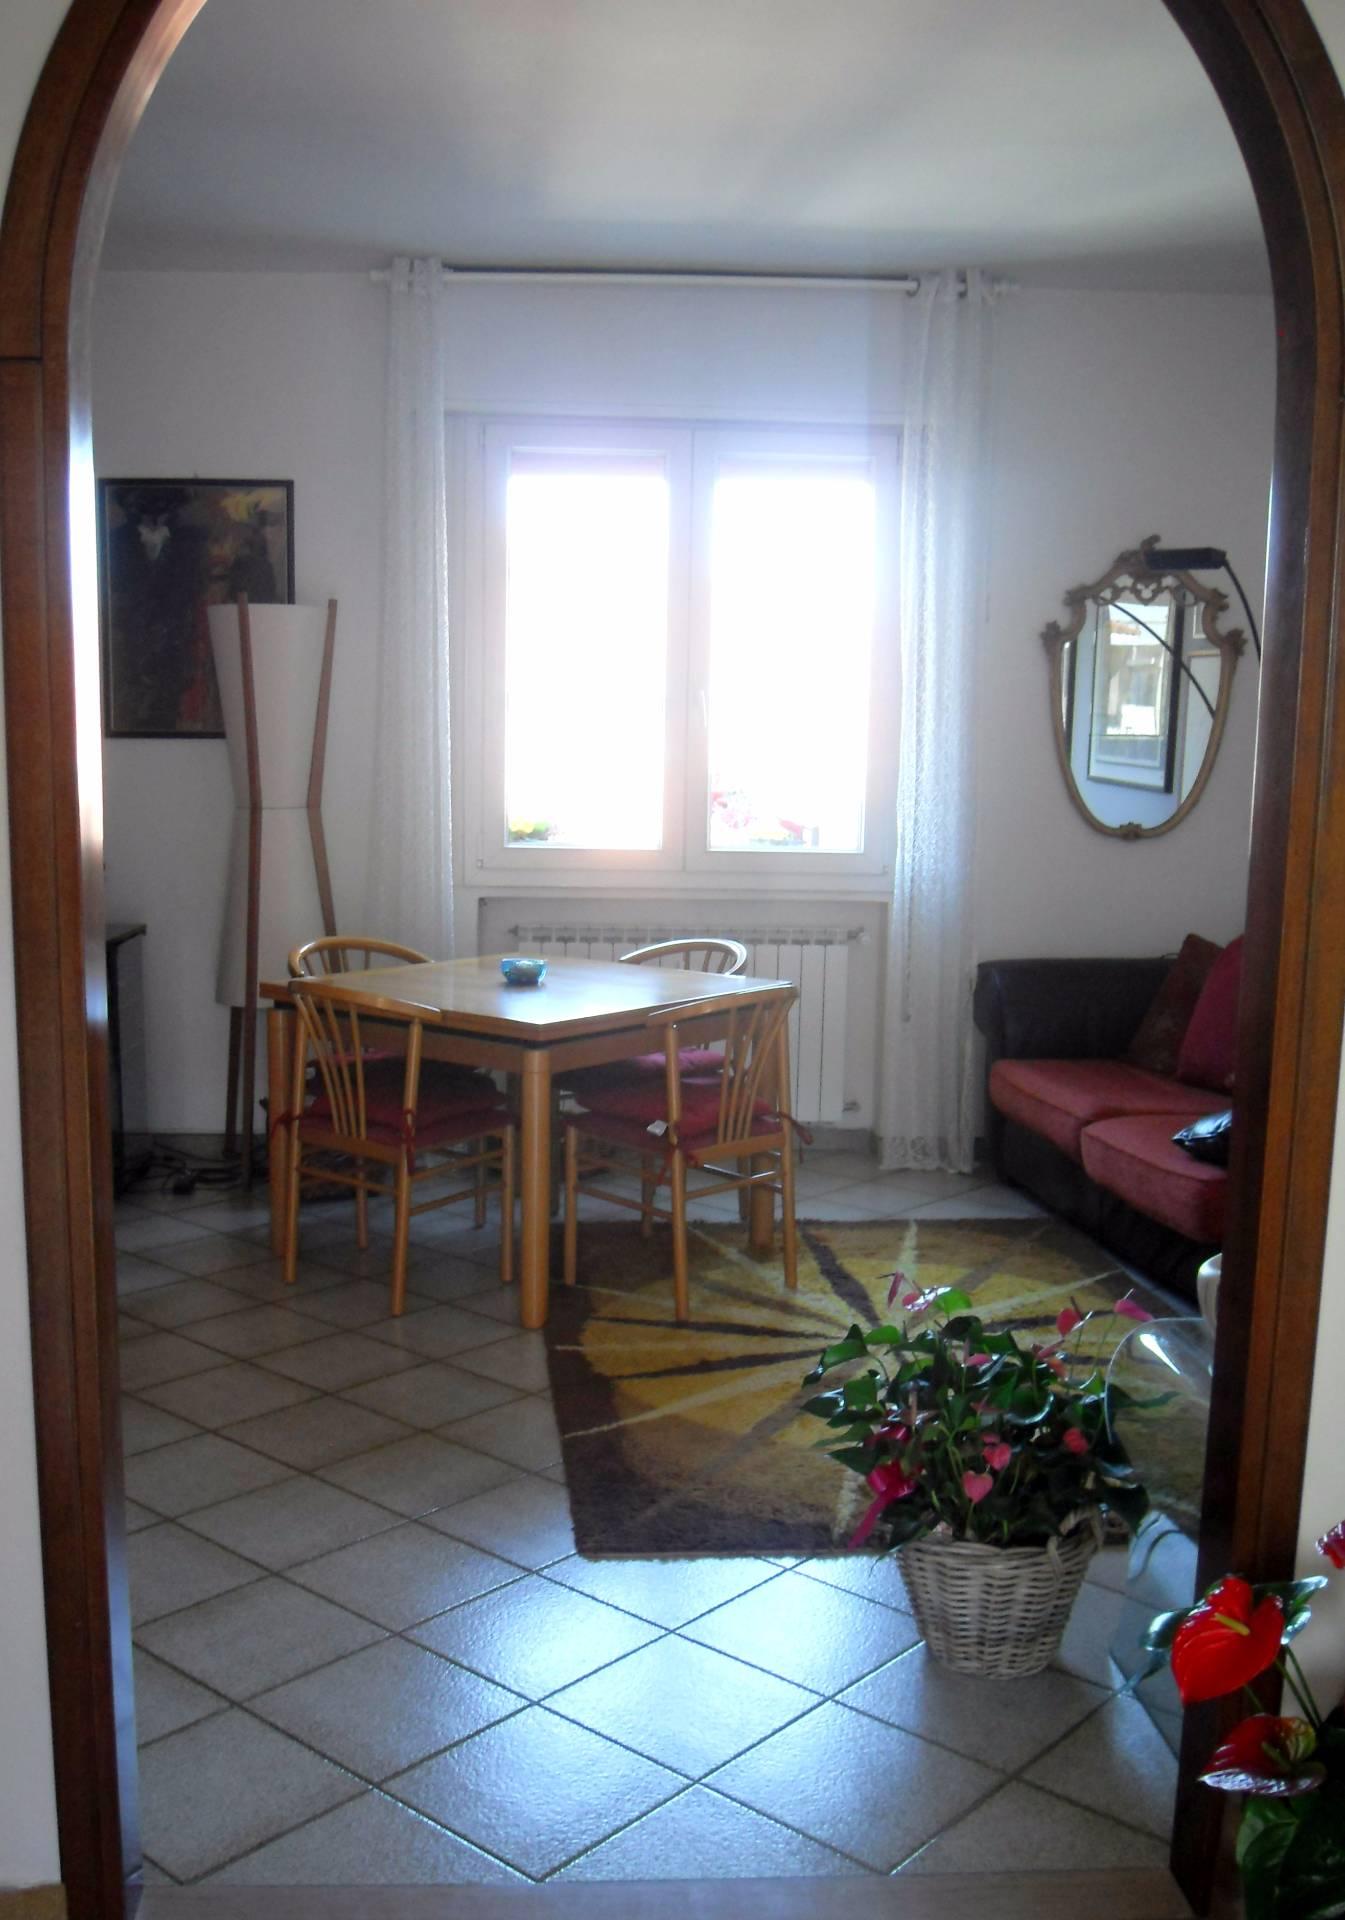 Appartamento in vendita a Venezia, 4 locali, zona Località: LidodiVenezia, prezzo € 279.000 | Cambio Casa.it